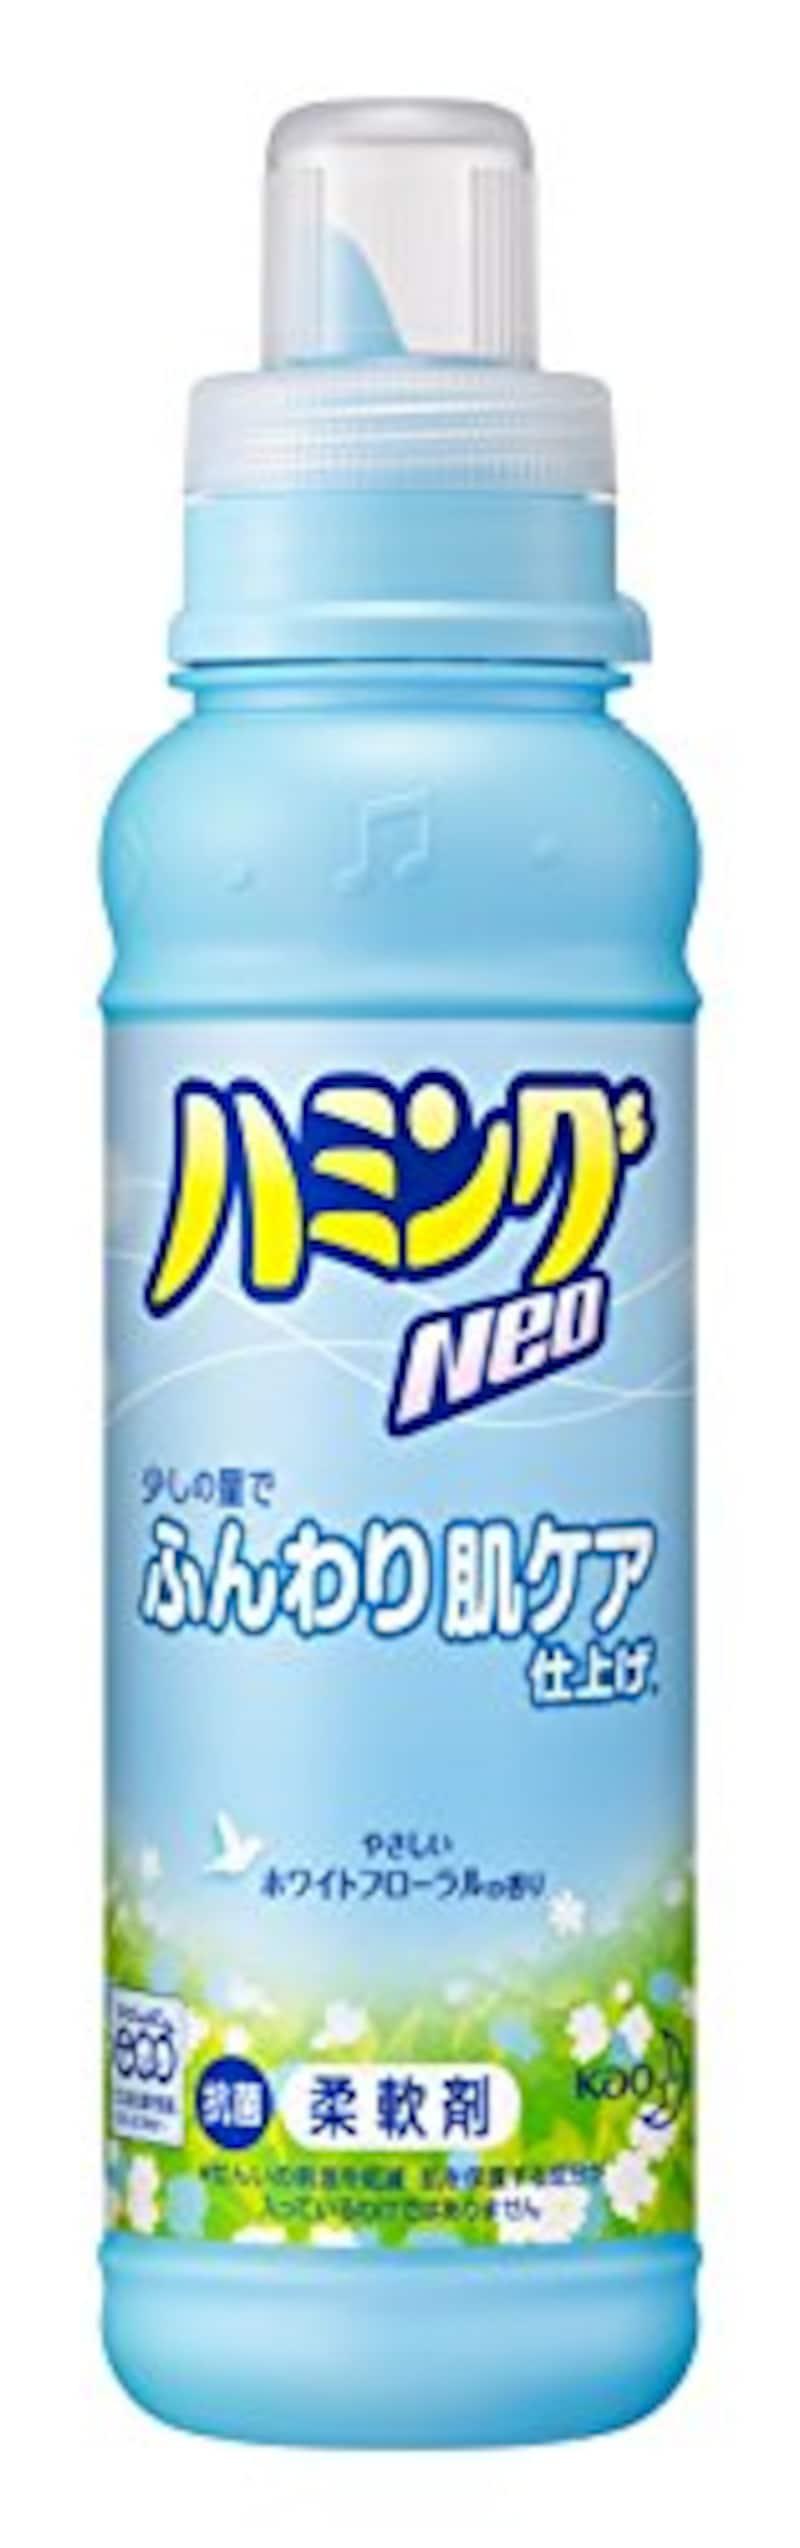 ハミングNeo 柔軟剤 ホワイトフローラルの香り 本体 400ml